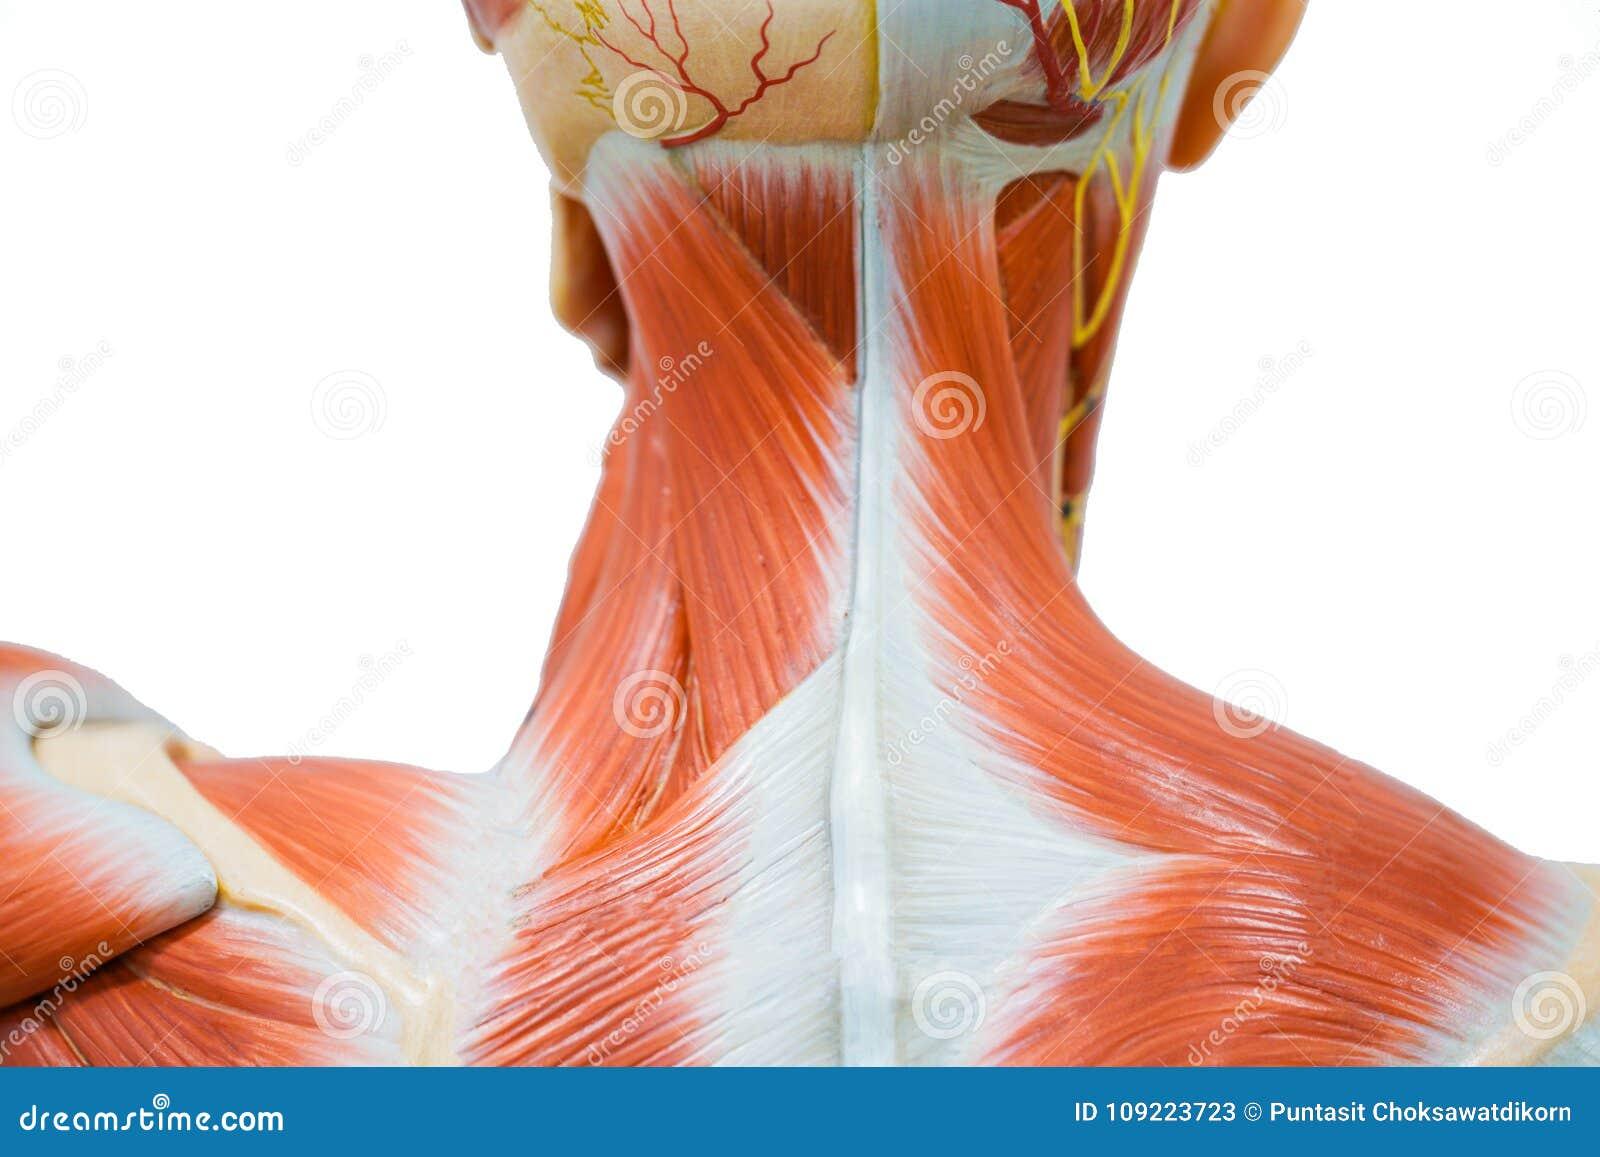 Anatomía Humana Del Músculo Del Cuello Imagen de archivo - Imagen de ...